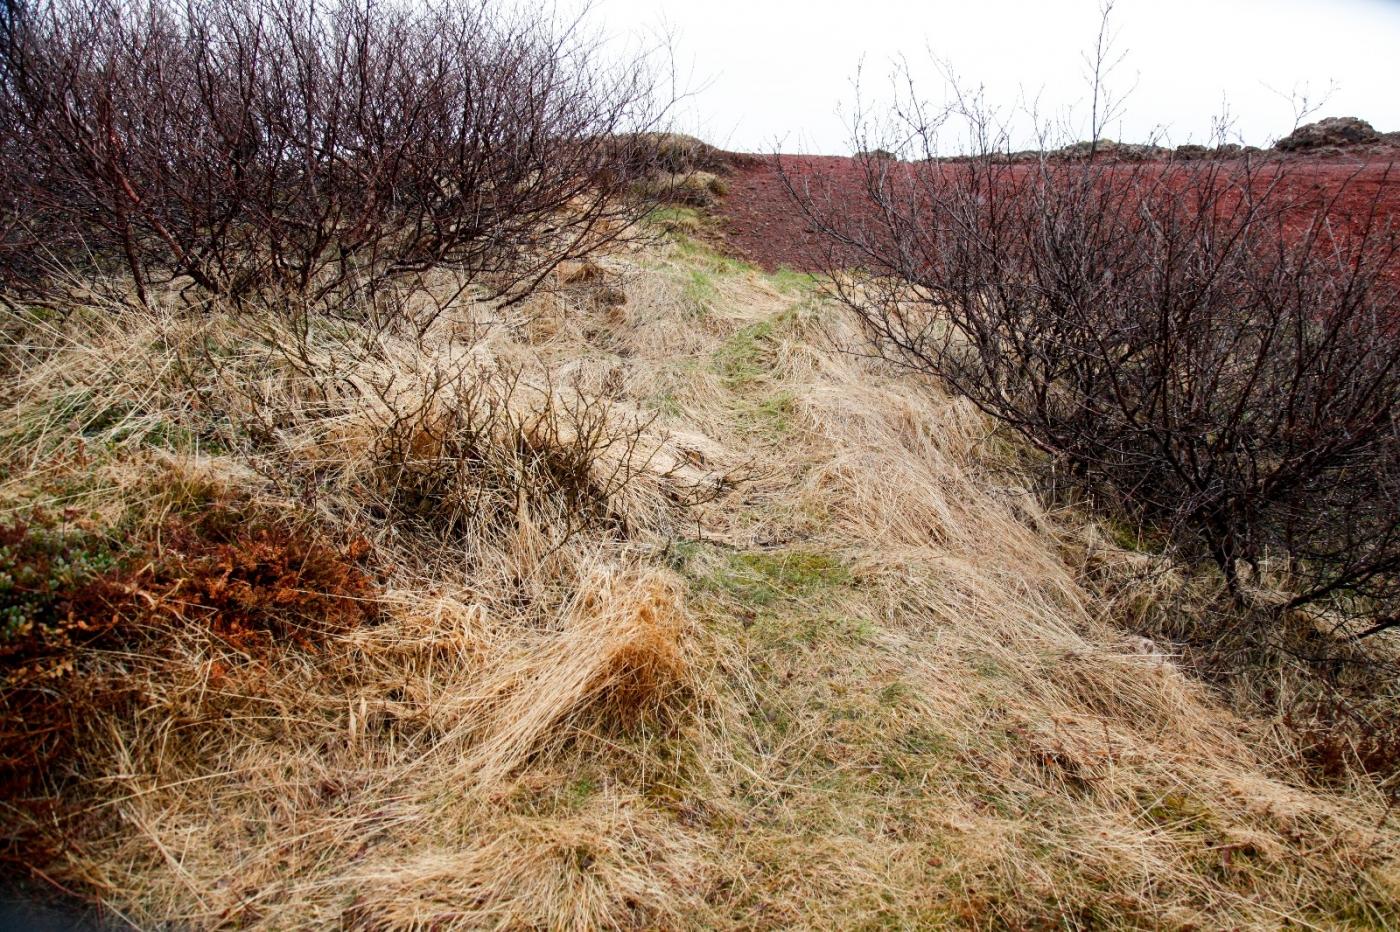 冰岛热带温泉美景,游客流连忘返_图1-9